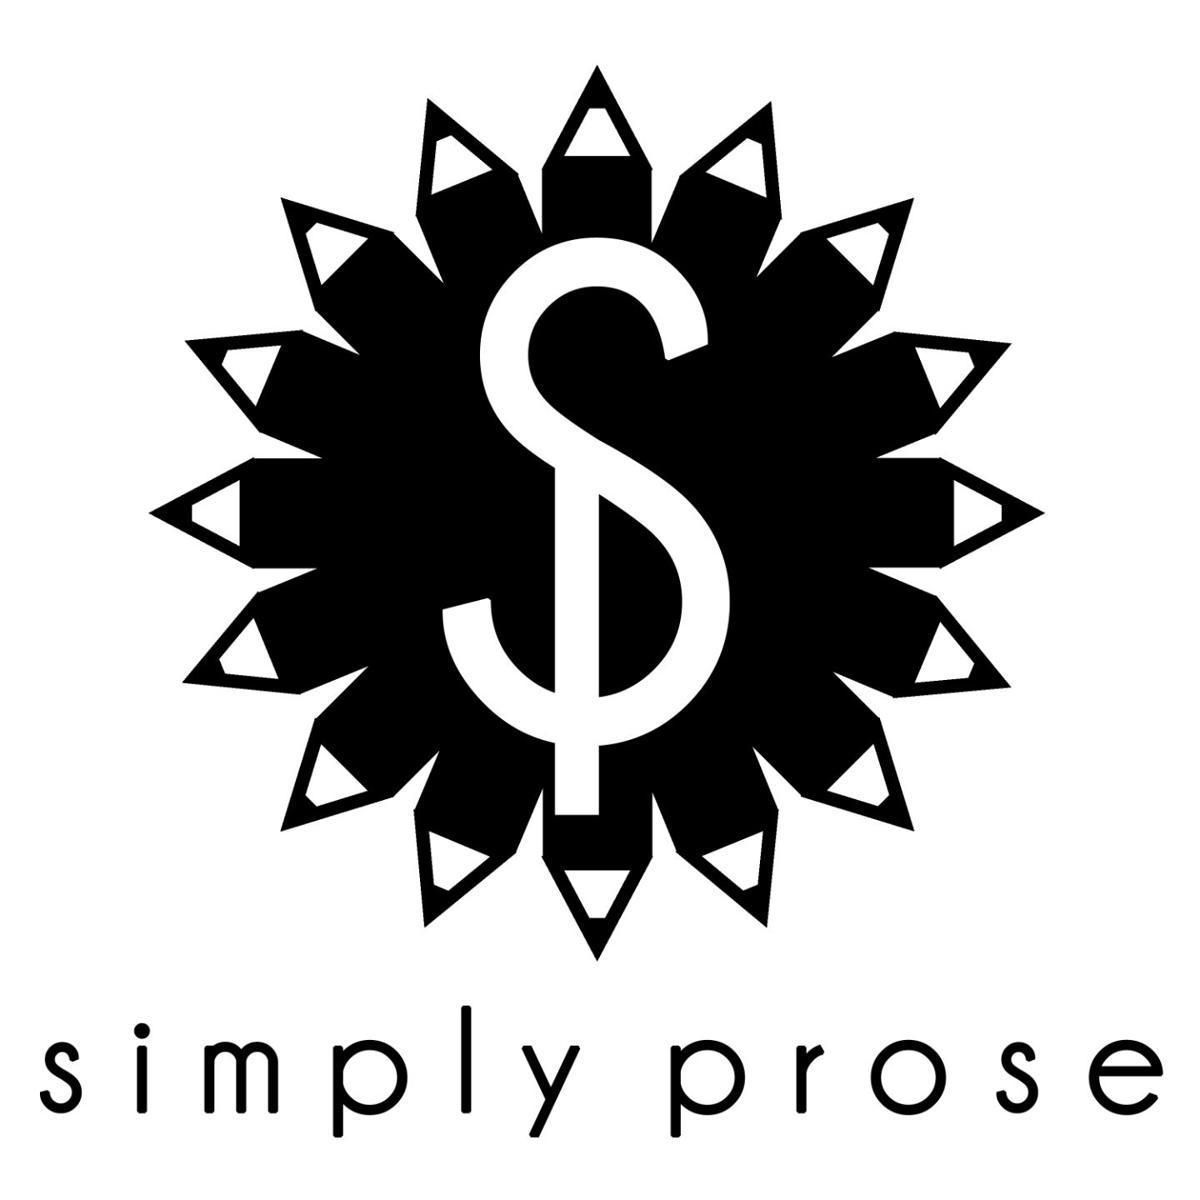 SimplyProse logo